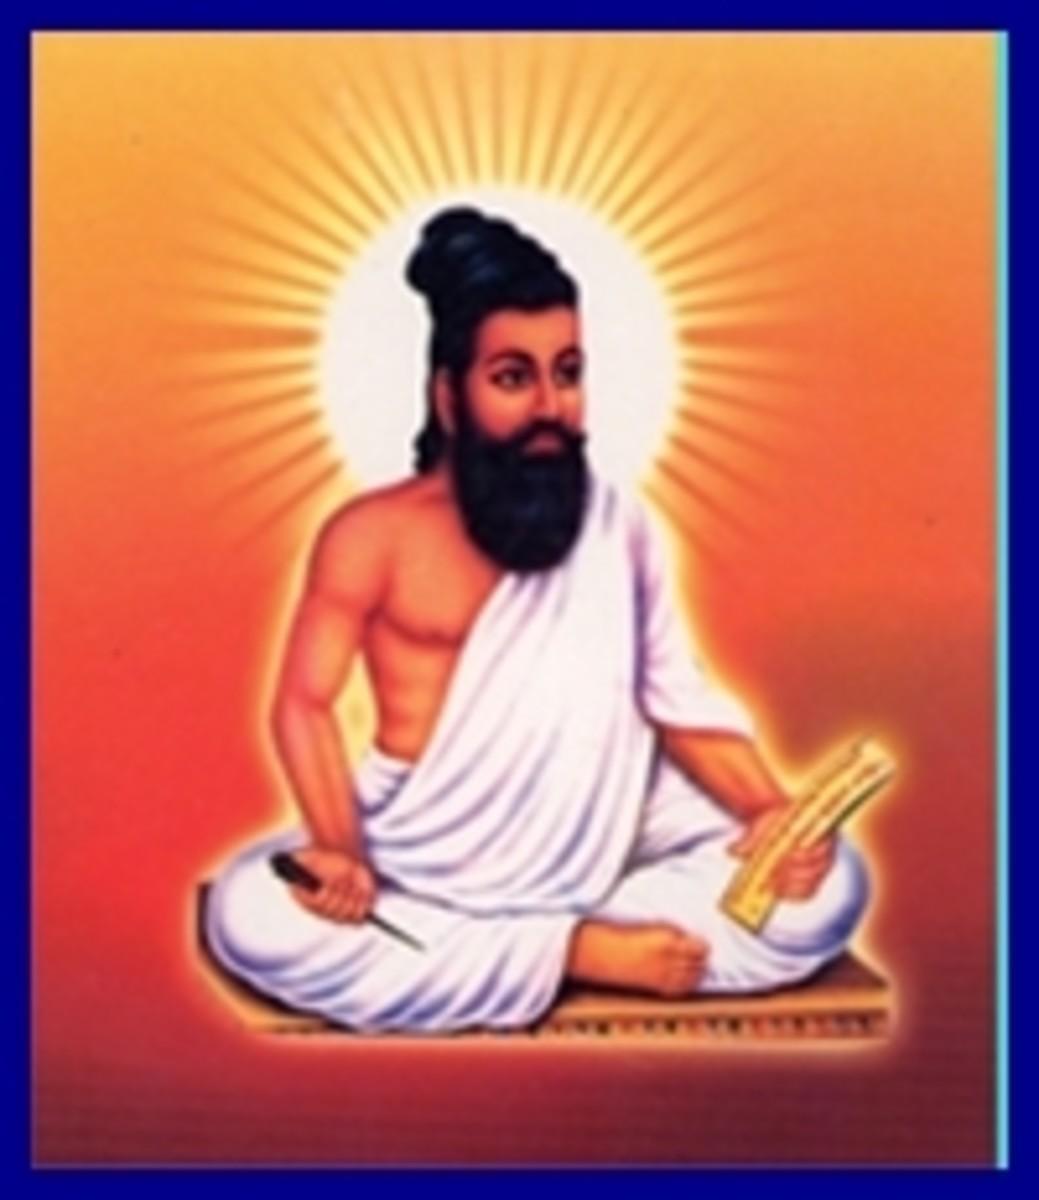 Thiruvalluvar Author of Thirukural